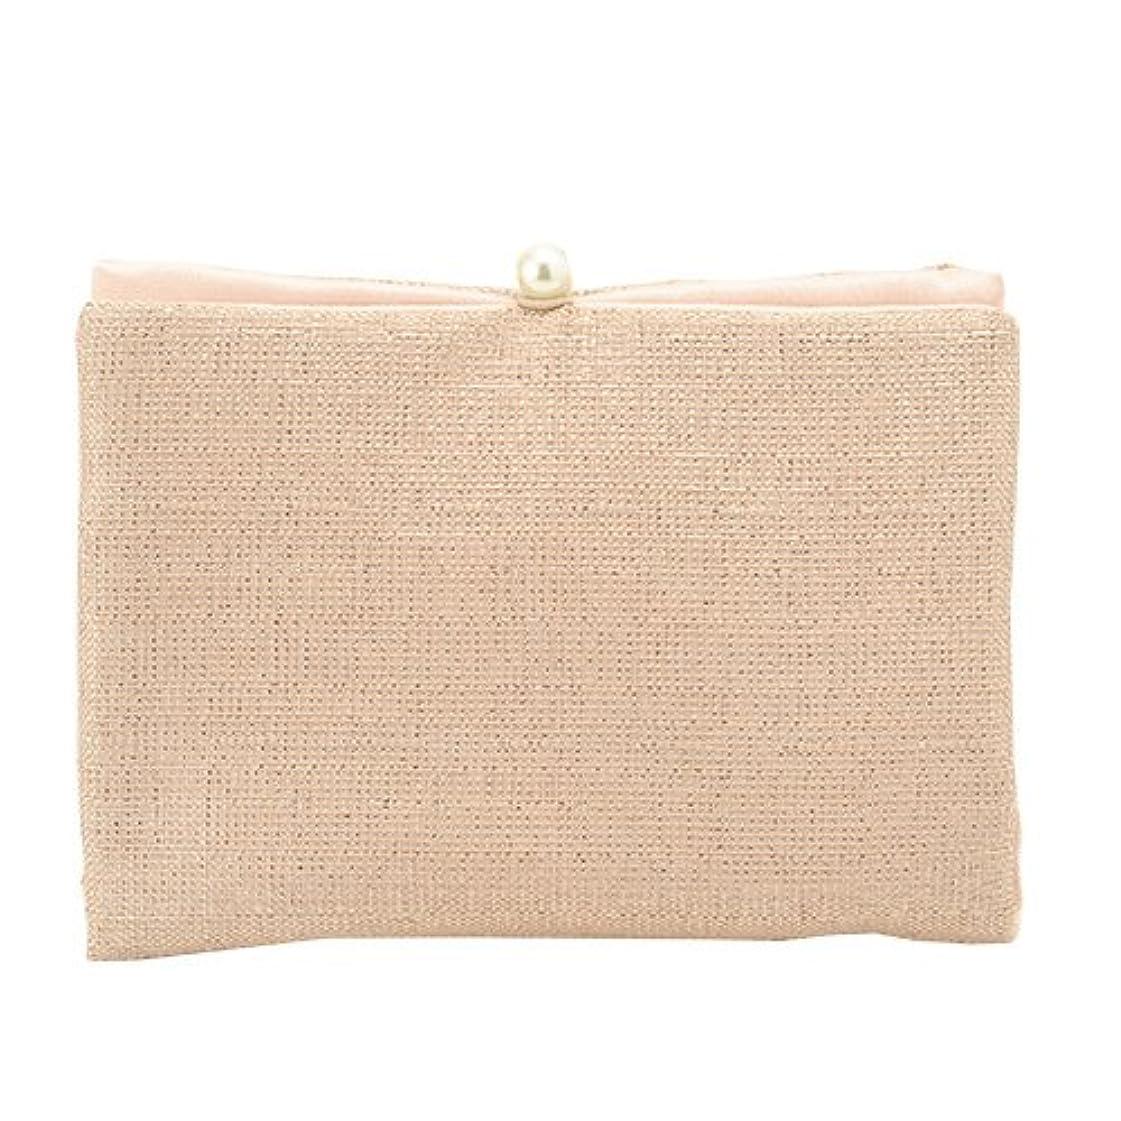 繊細あえぎ行き当たりばったりLALUICE(ラルイス) ジュエリー収納 ピンク サイズ:9×12cm